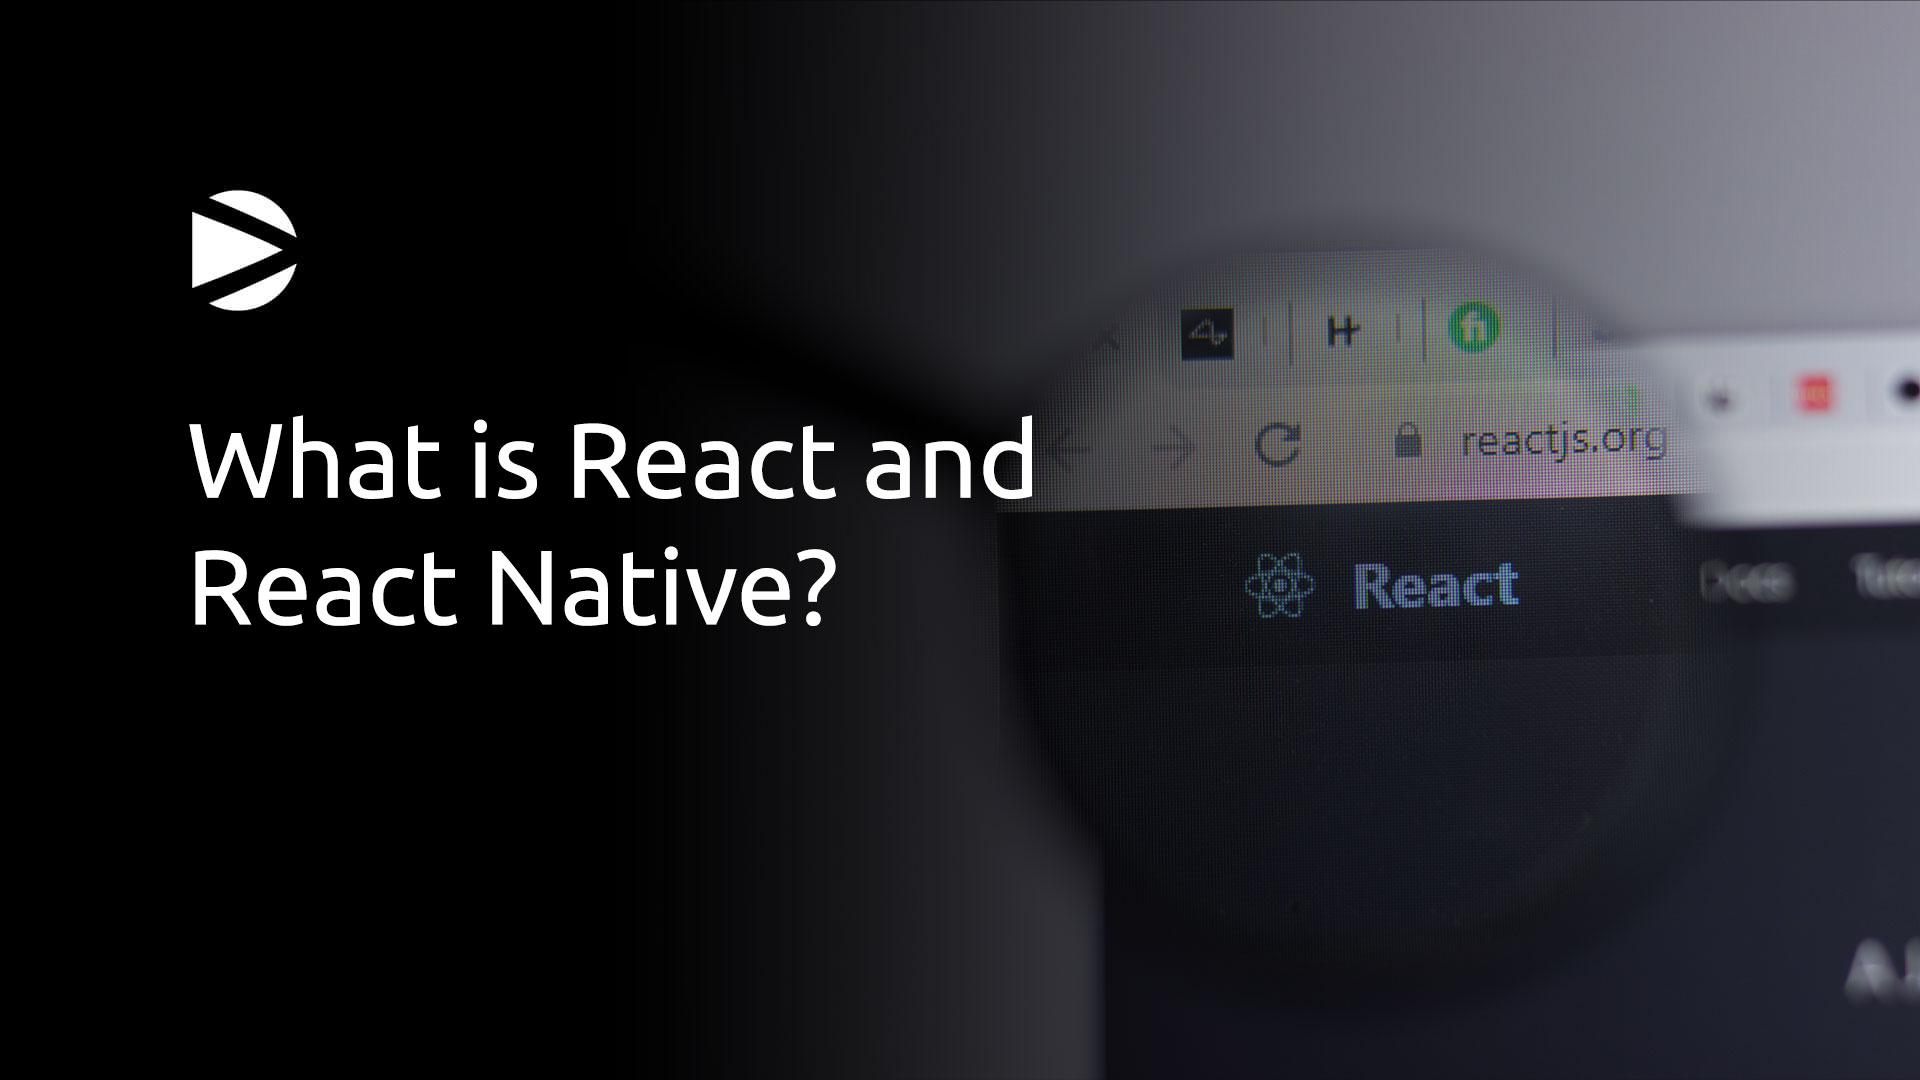 DNAMIC - React and React Native - React Logo on a screen